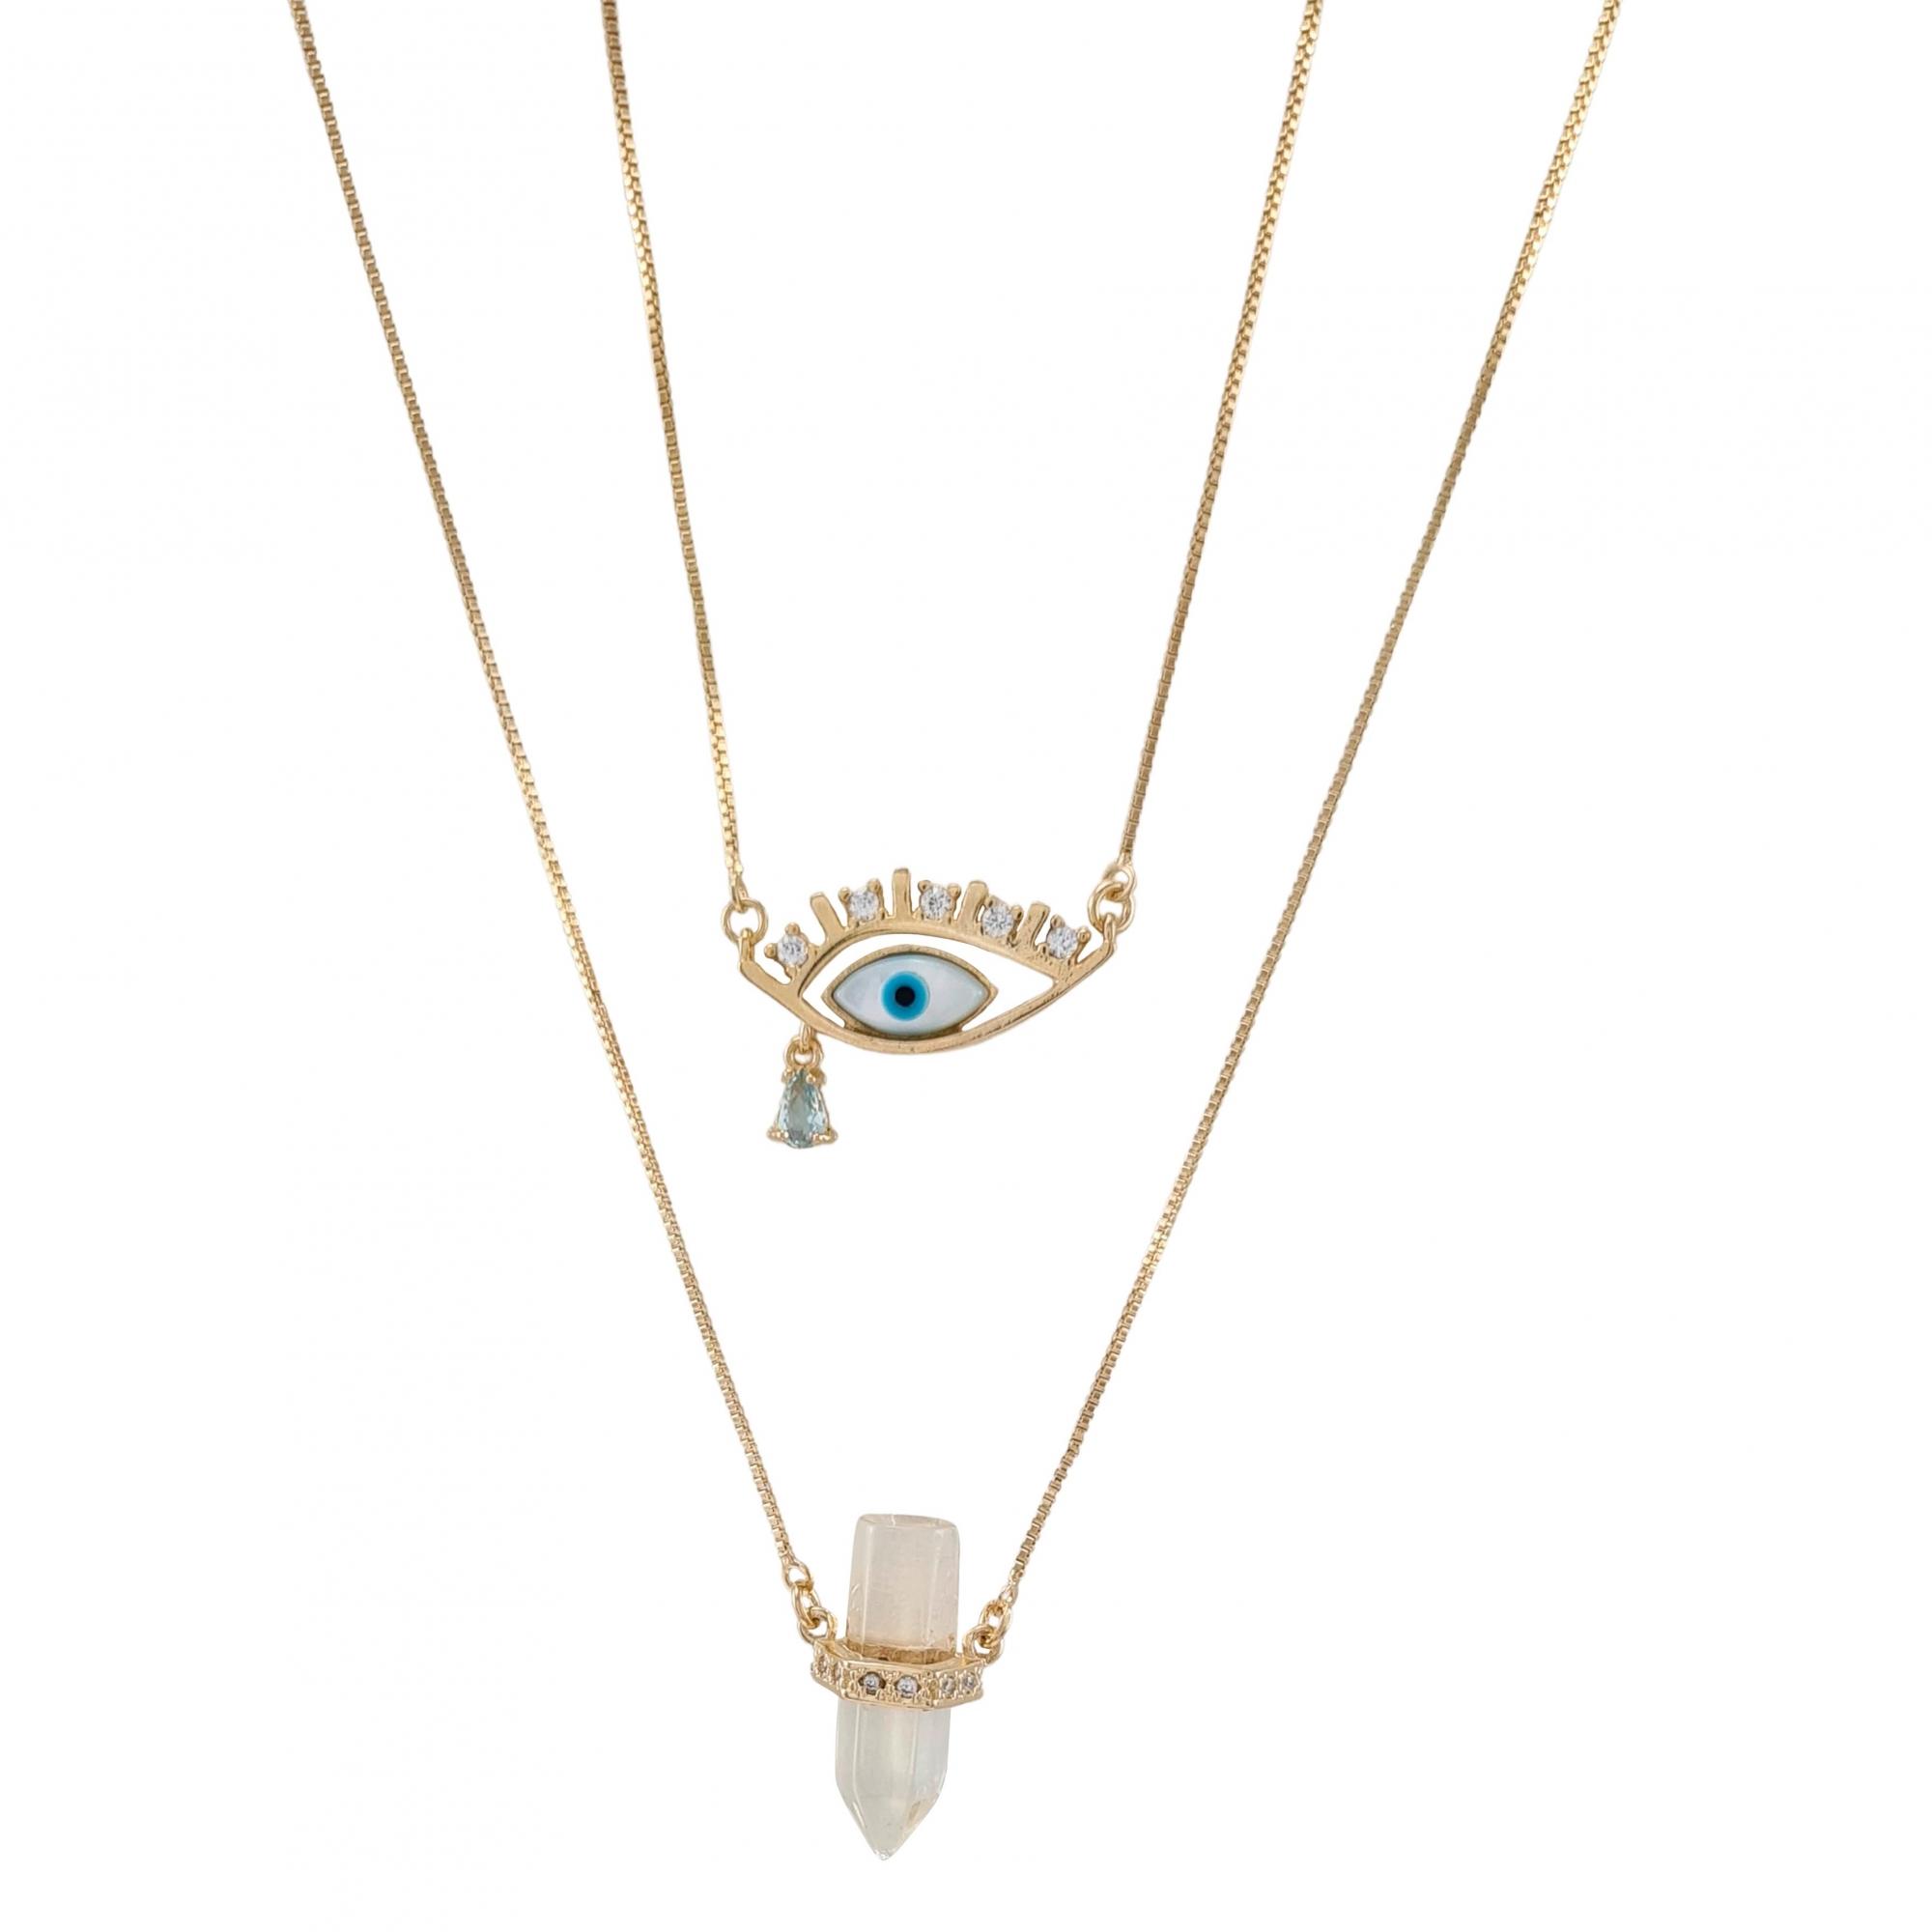 Escapulário olho grego  banhado a ouro 18k e ródio branco